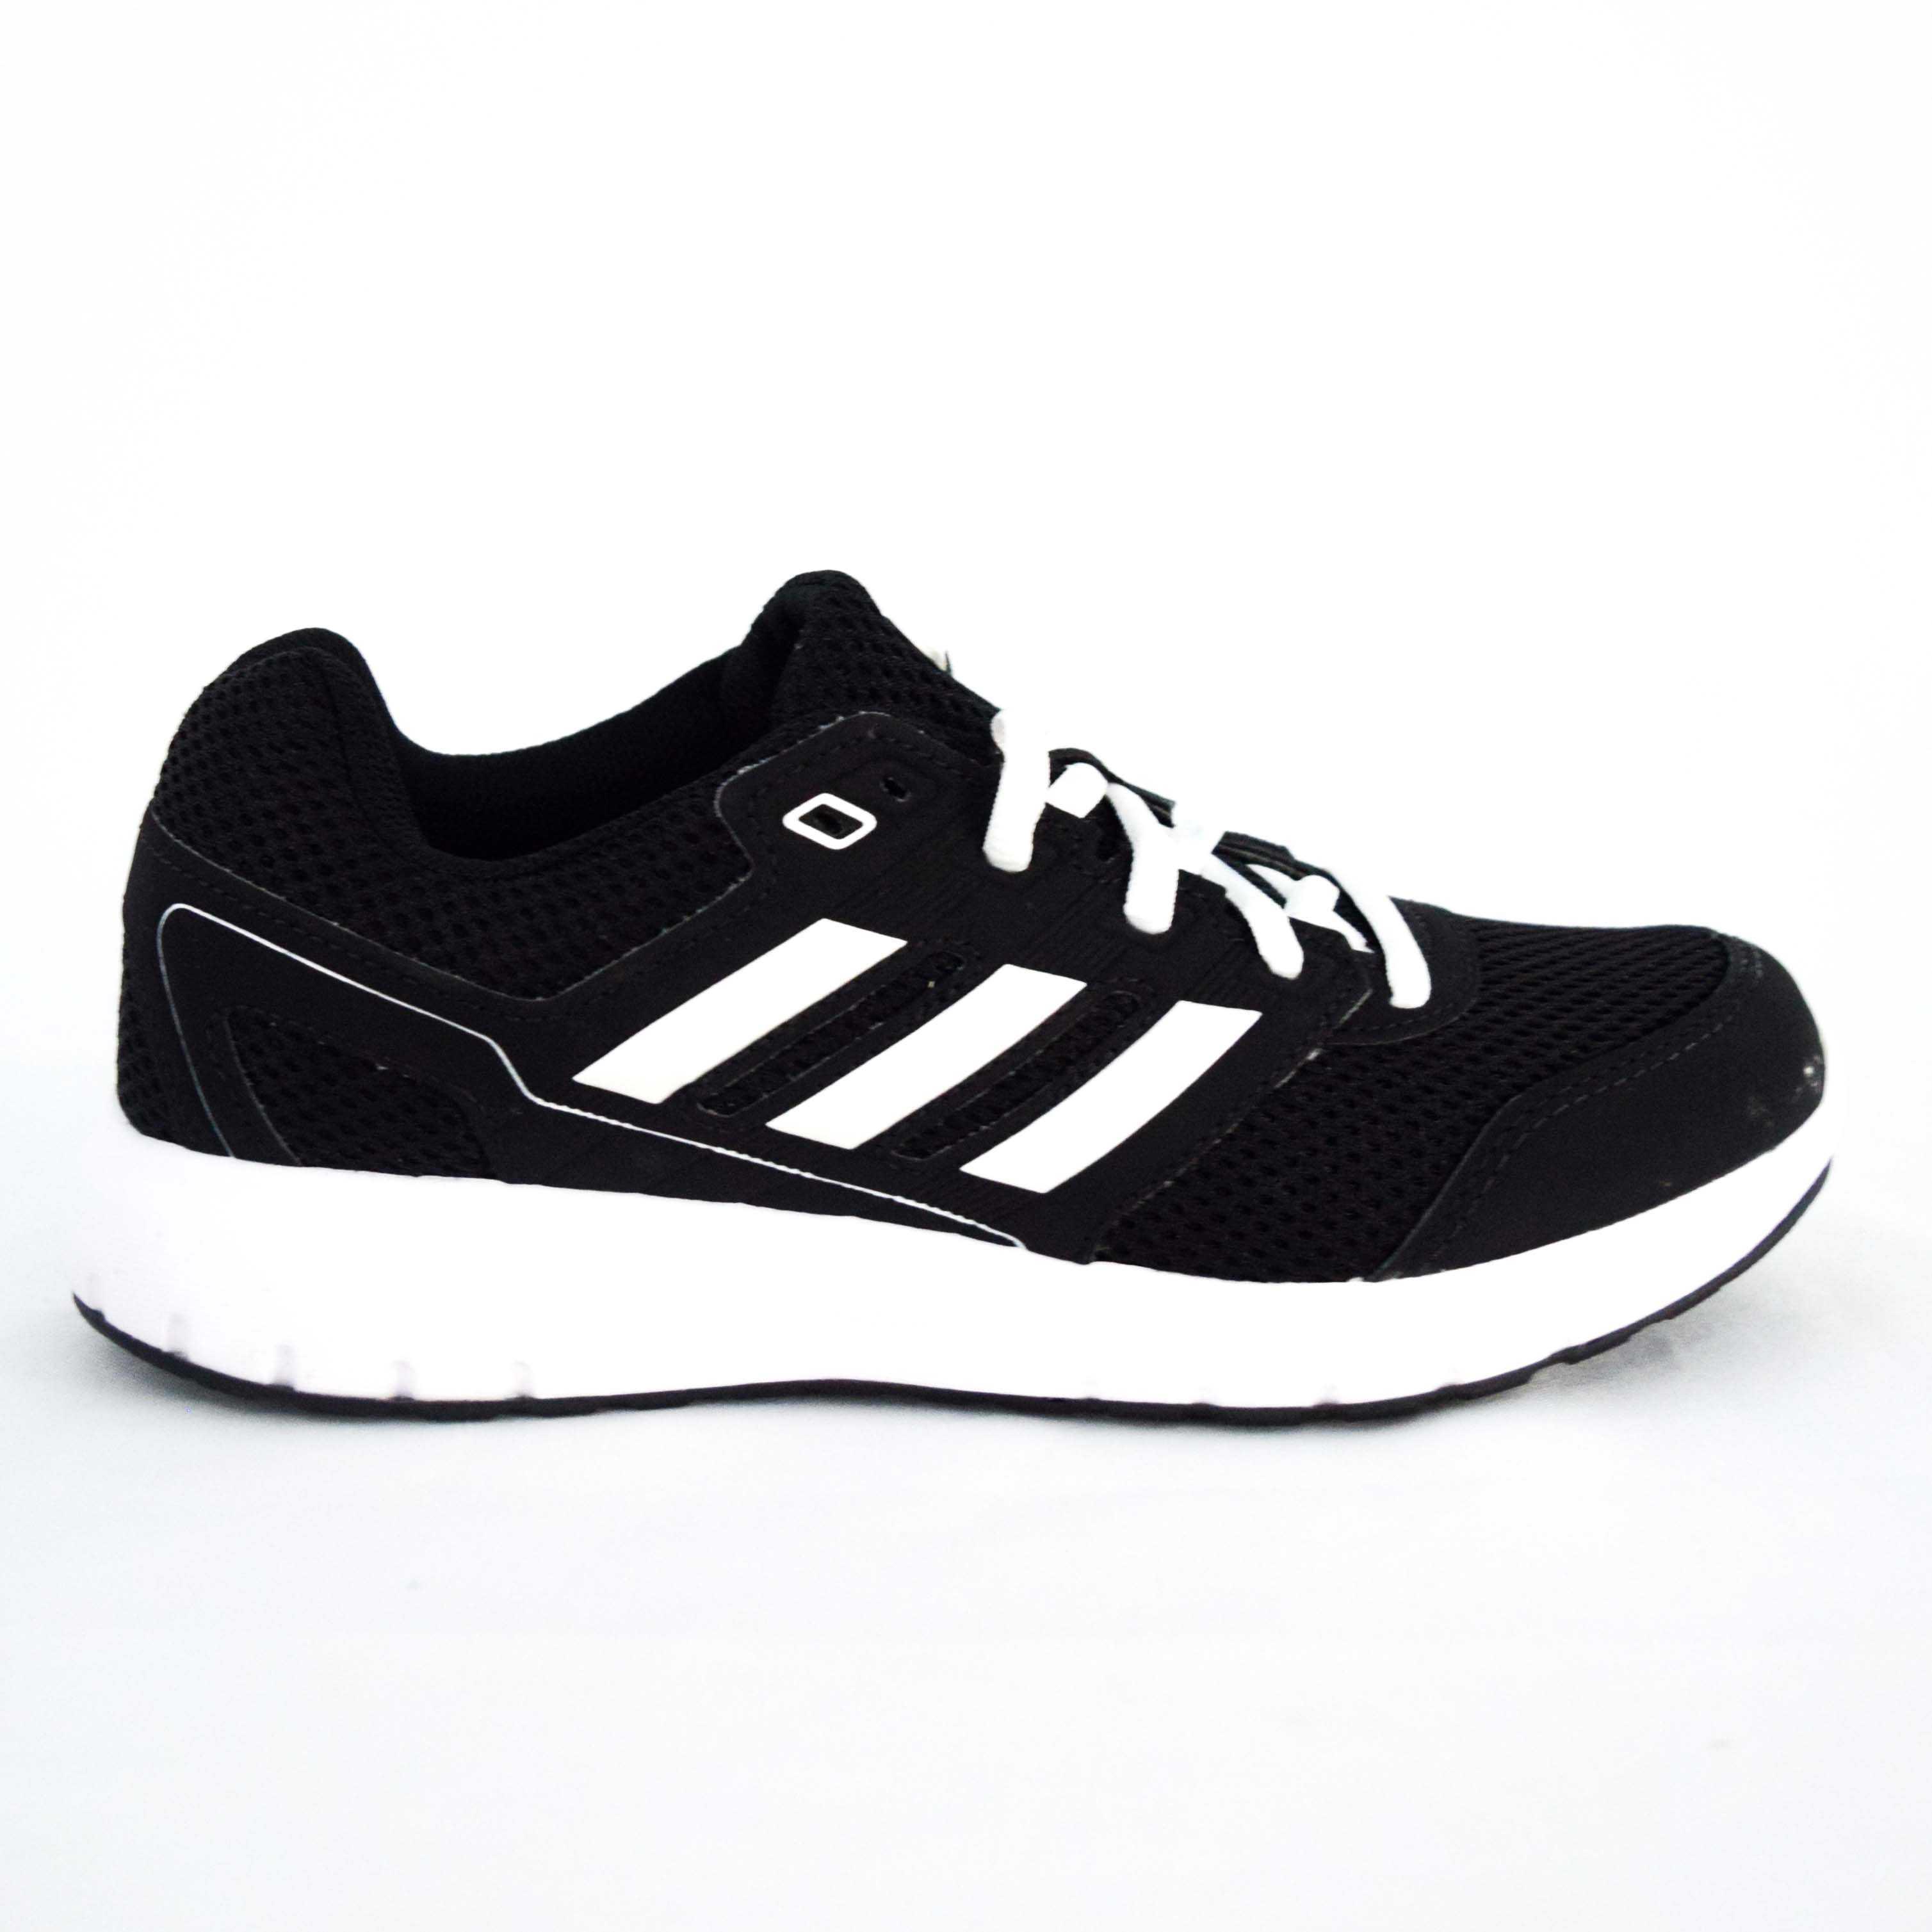 a45037d690 Tênis Adidas Duramo Lite 2.0 Preto